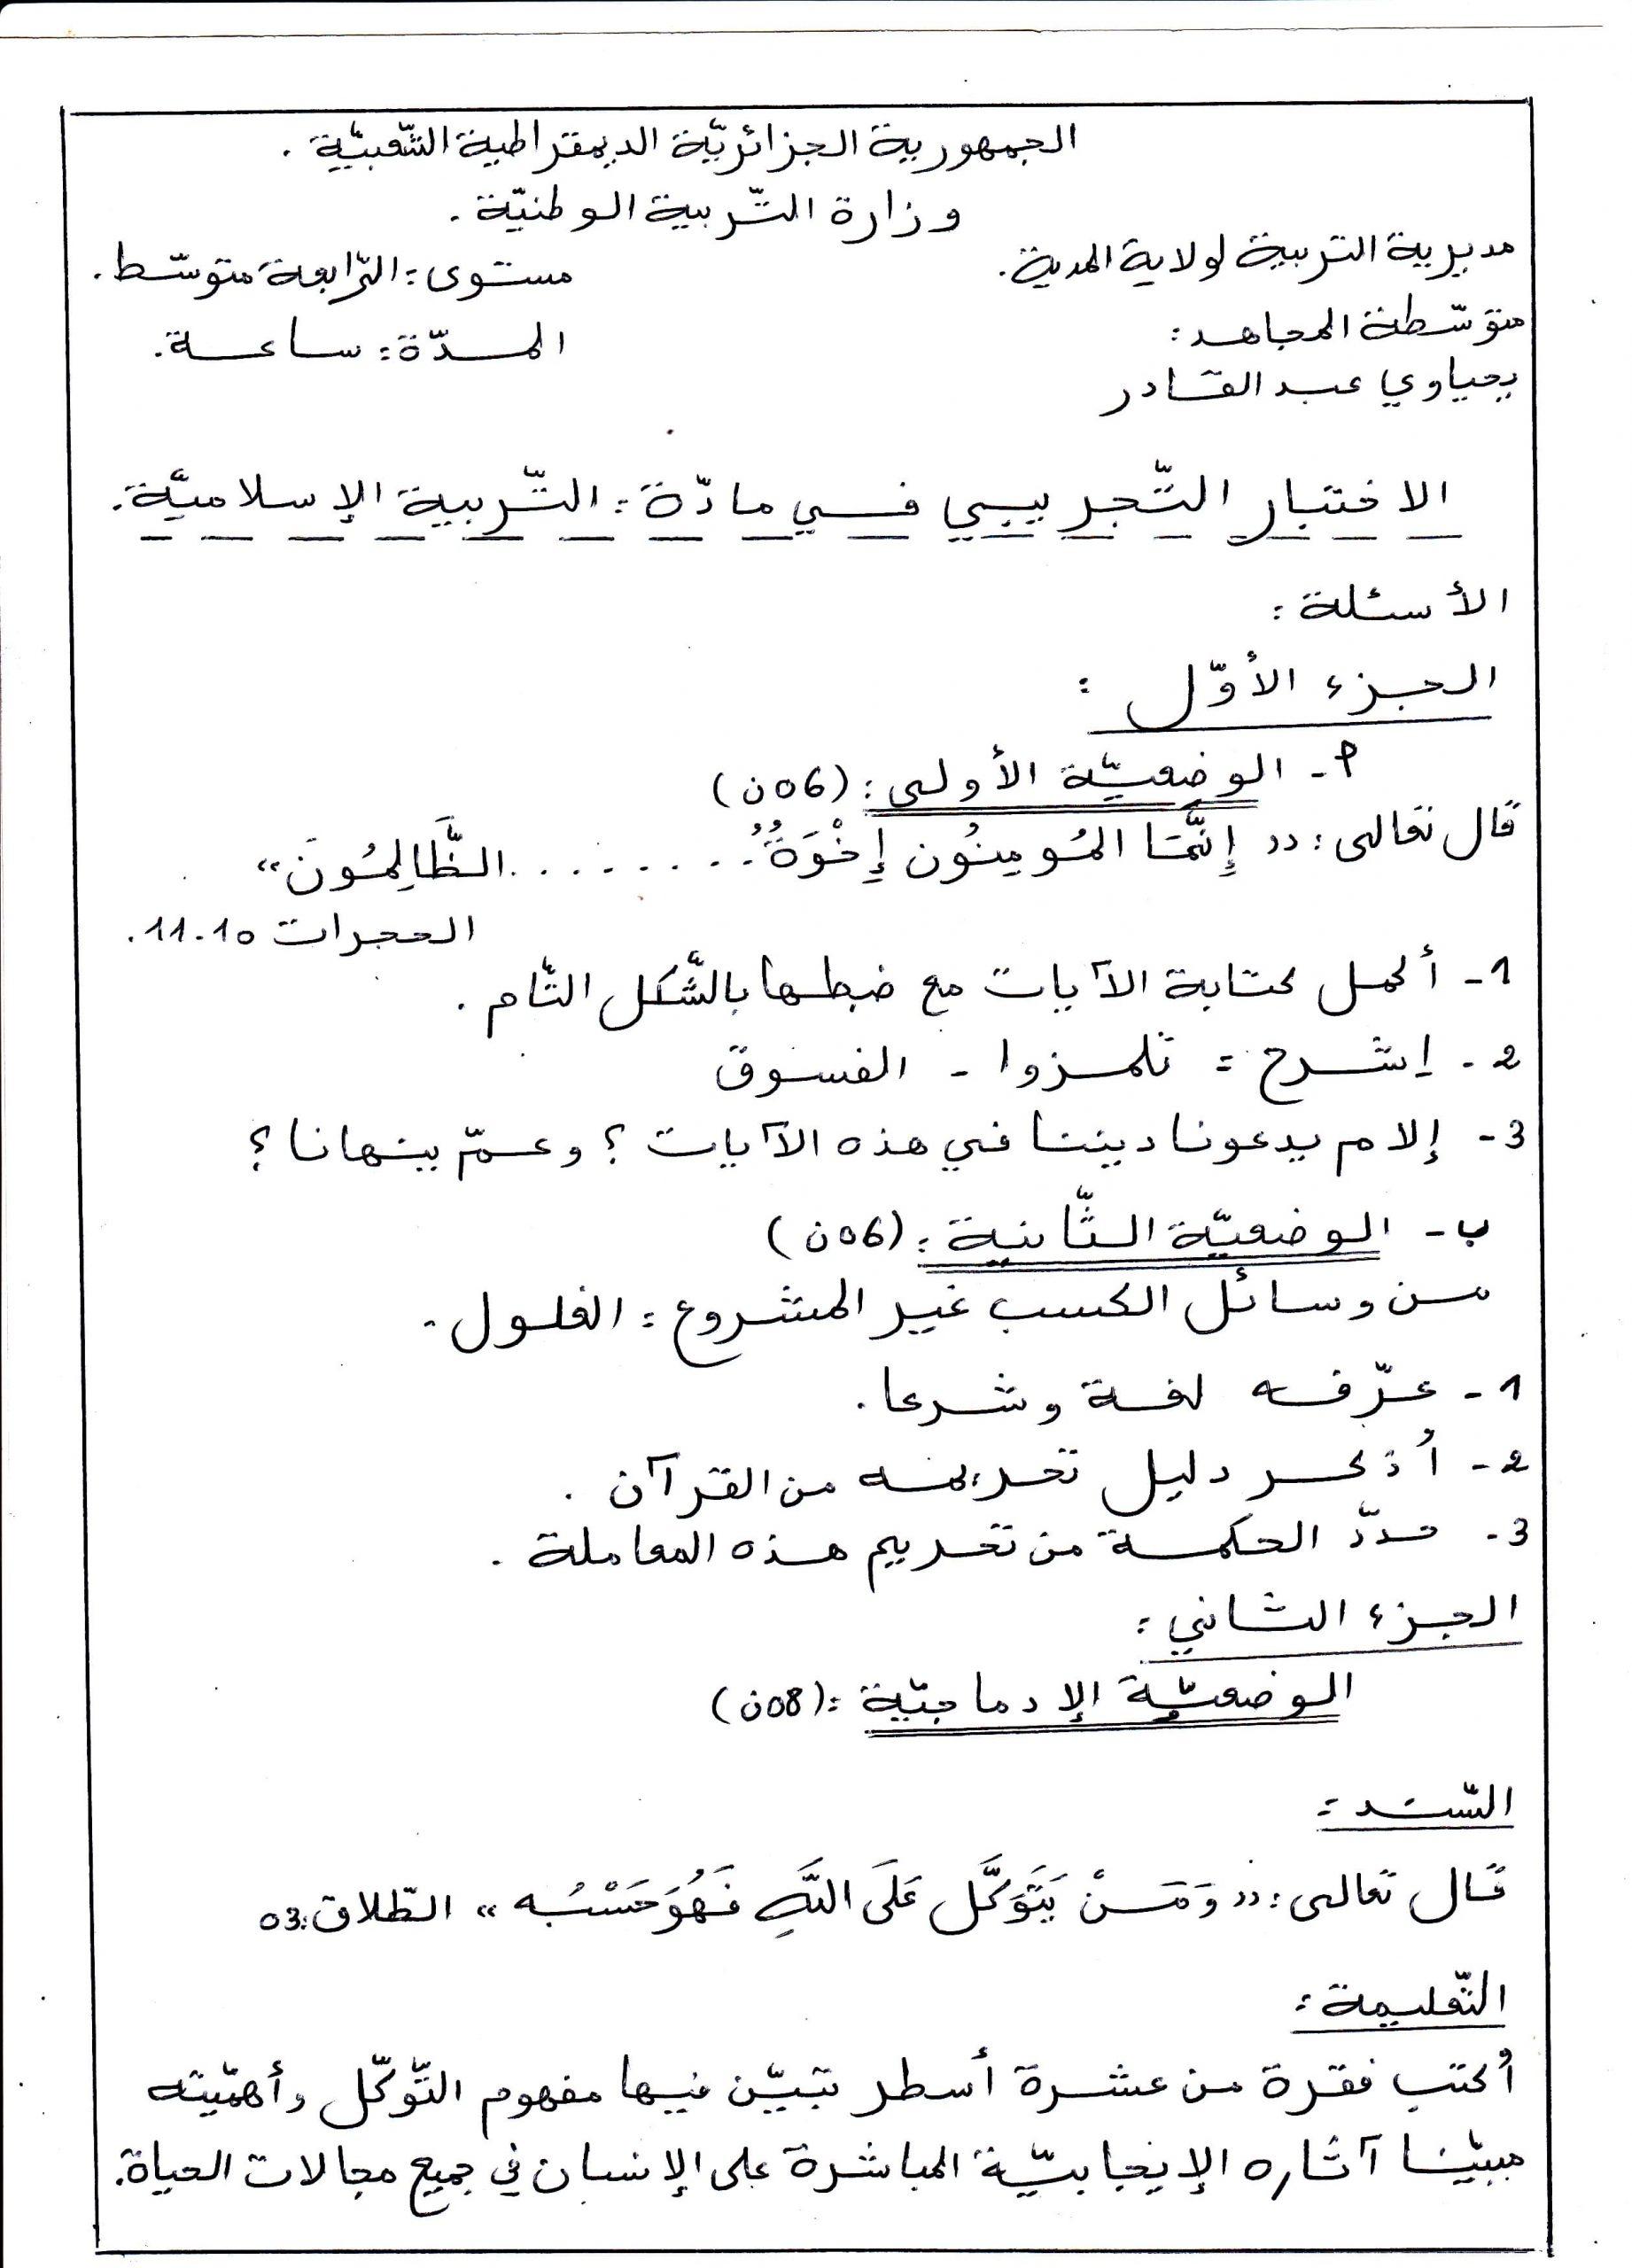 اختبار الفصل الثالث في مادة التربية الاسلامية الرابعة متوسط   الموضوع 01